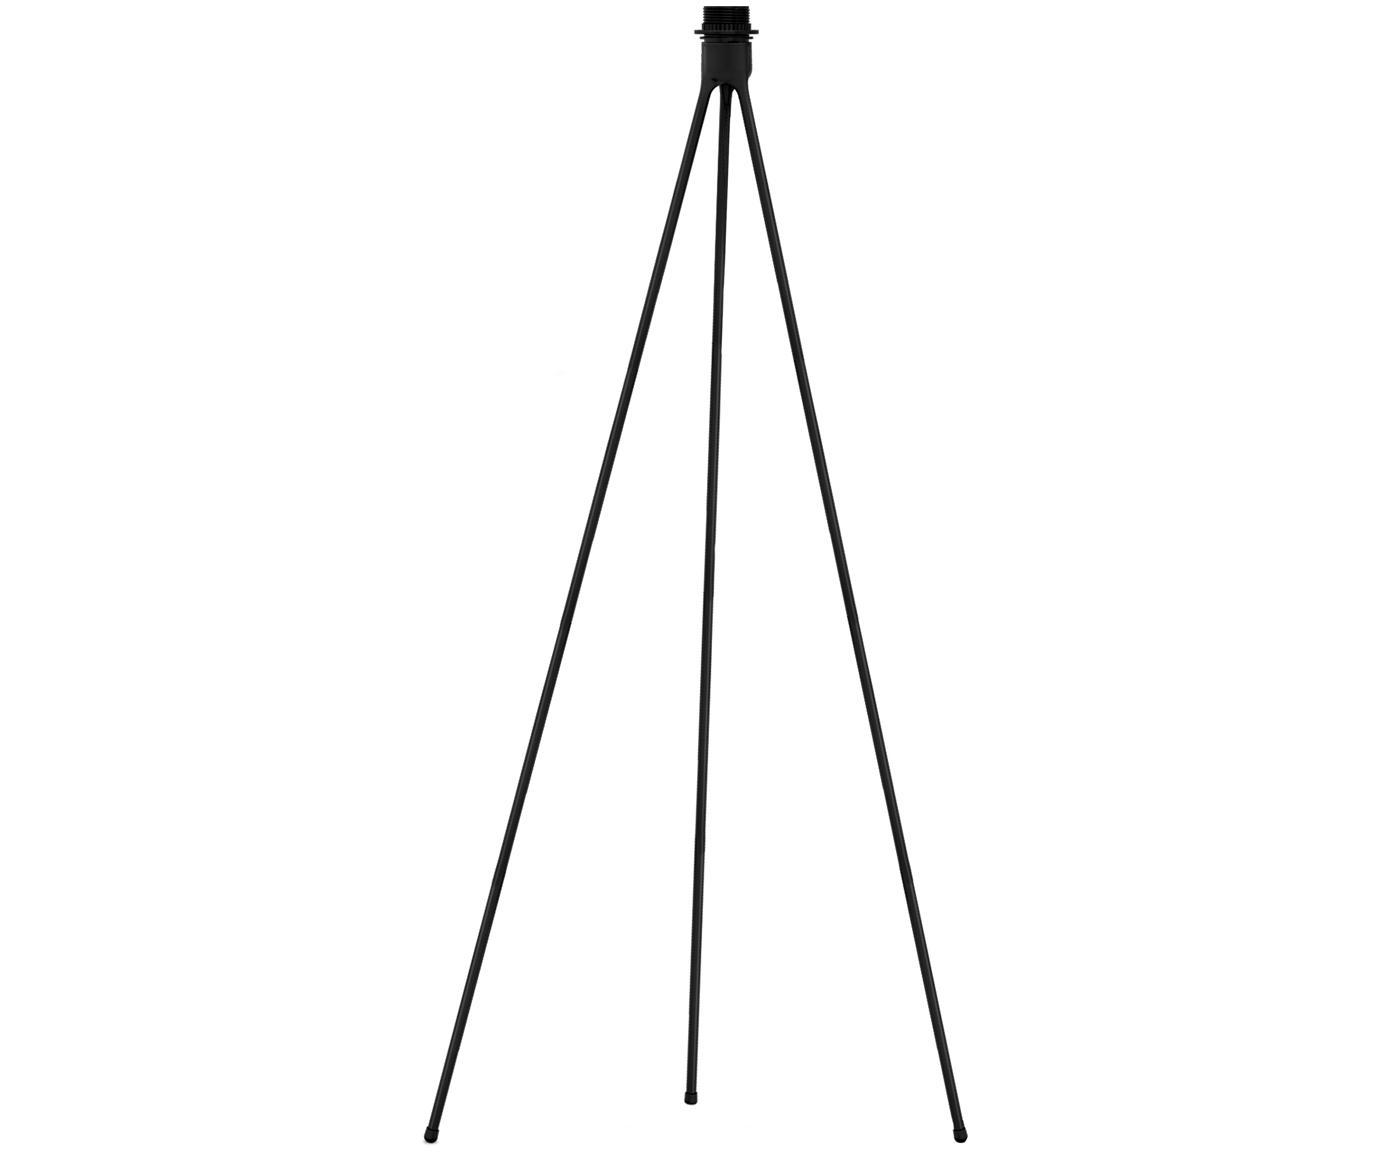 Lampvoet voor vloerlamp Tripod, Lampvoet: gecoat aluminium, Zwart, Ø 50 x H 109 cm